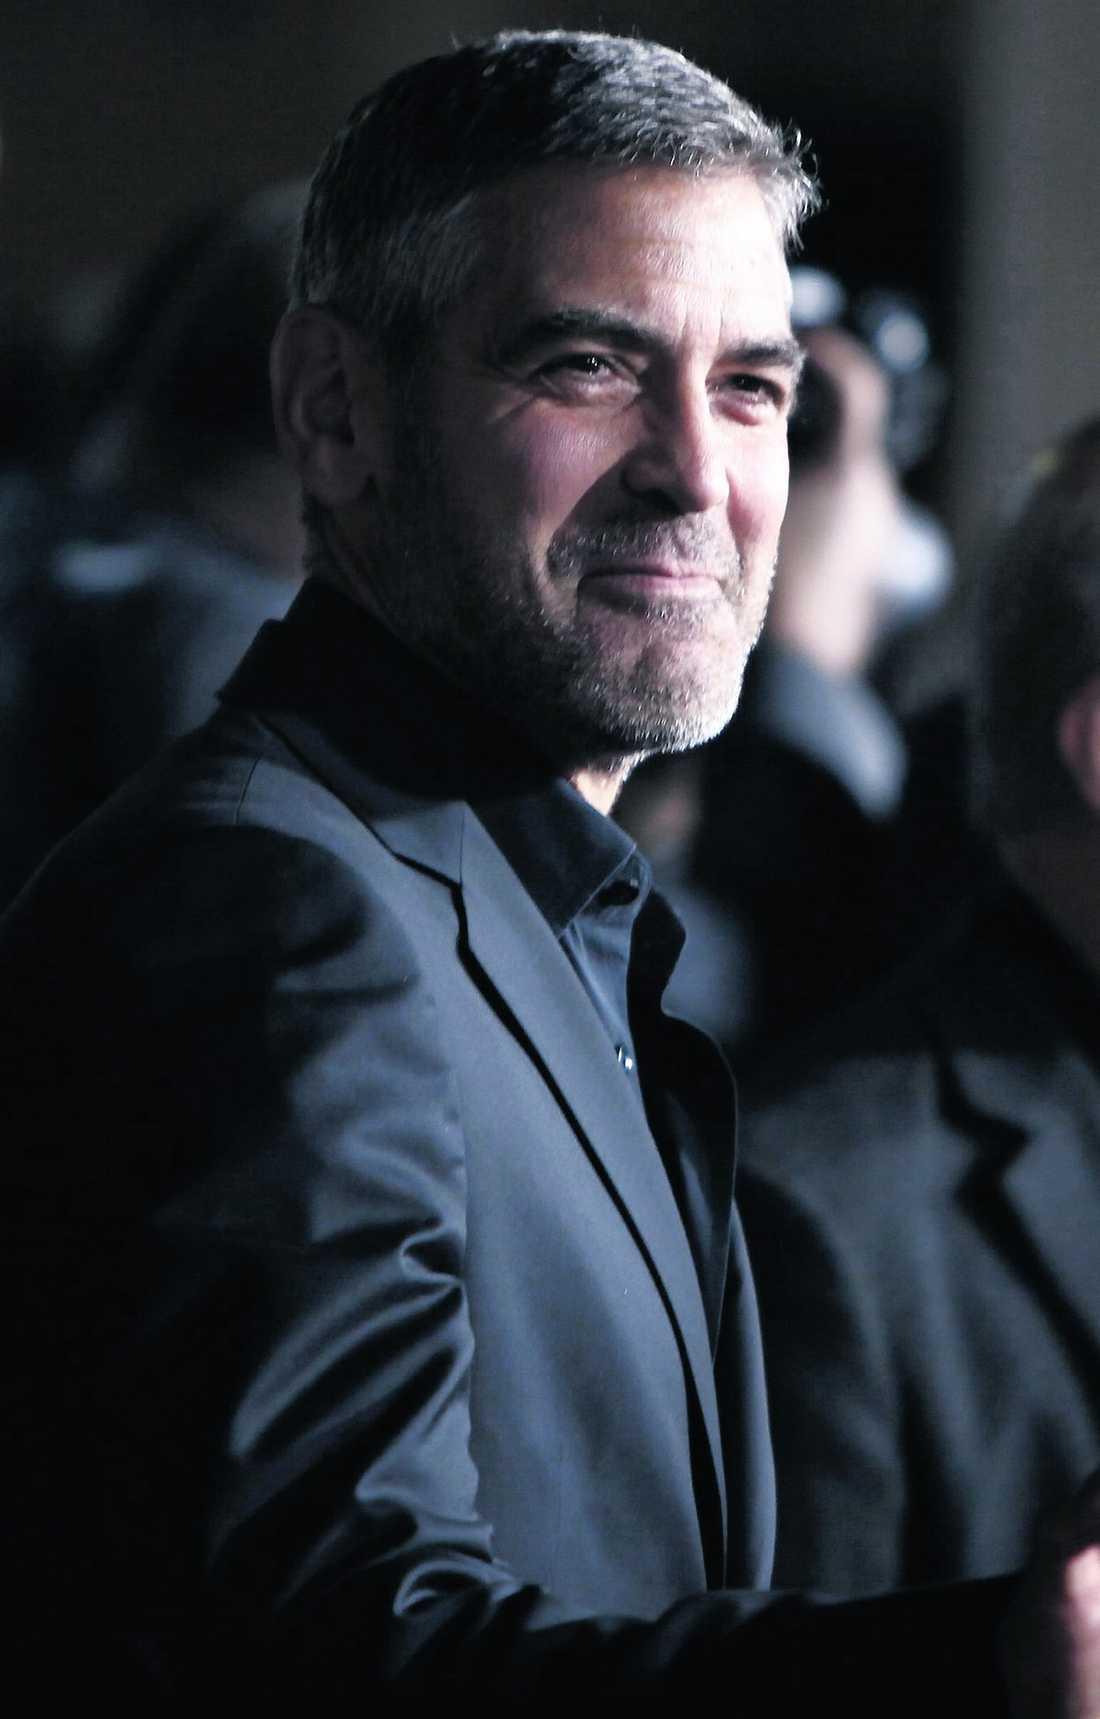 """George Clooney reser till Sverige i januari för att spela in scener till filmen """"The american"""" där han spelar yrkesmördare. """"Min rollfigur ska ha helskägg i scenerna. Så det här måste växa ut först"""", säger Clooney om sin skäggstubb."""